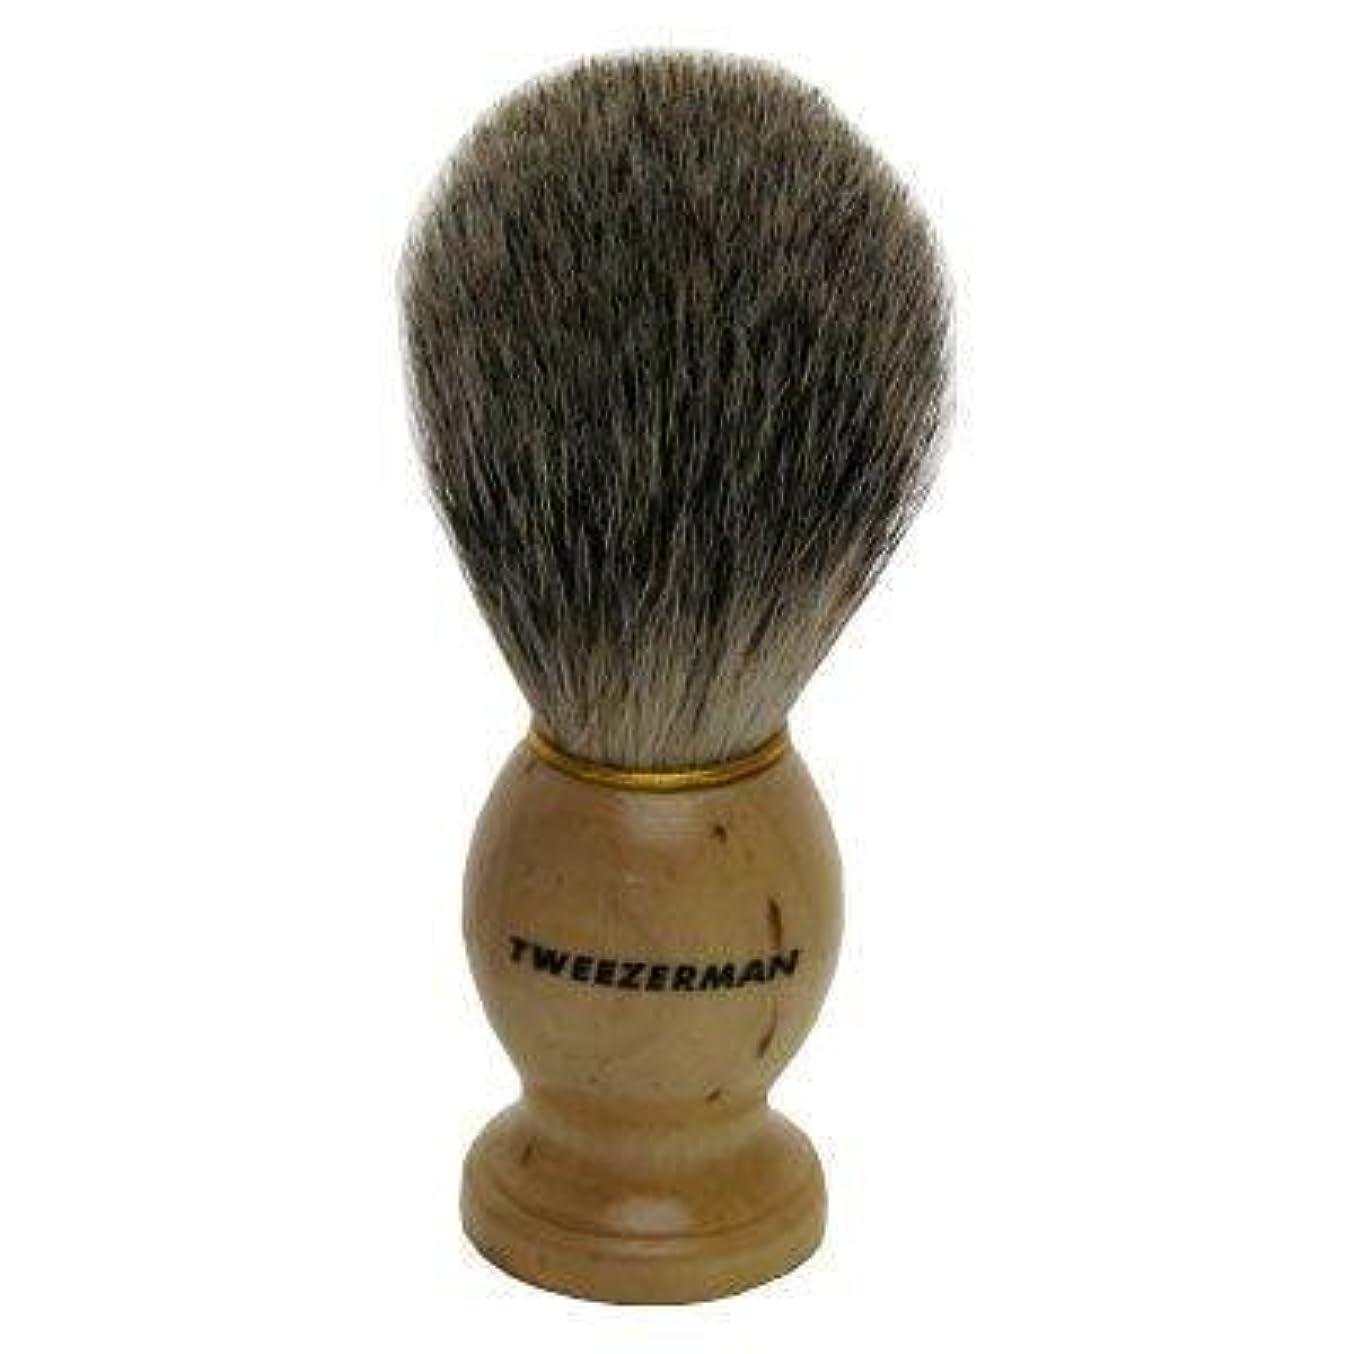 オペラ予防接種するエキサイティングTweezerman メンズ シェービングブラシ(100%アナグマの毛)